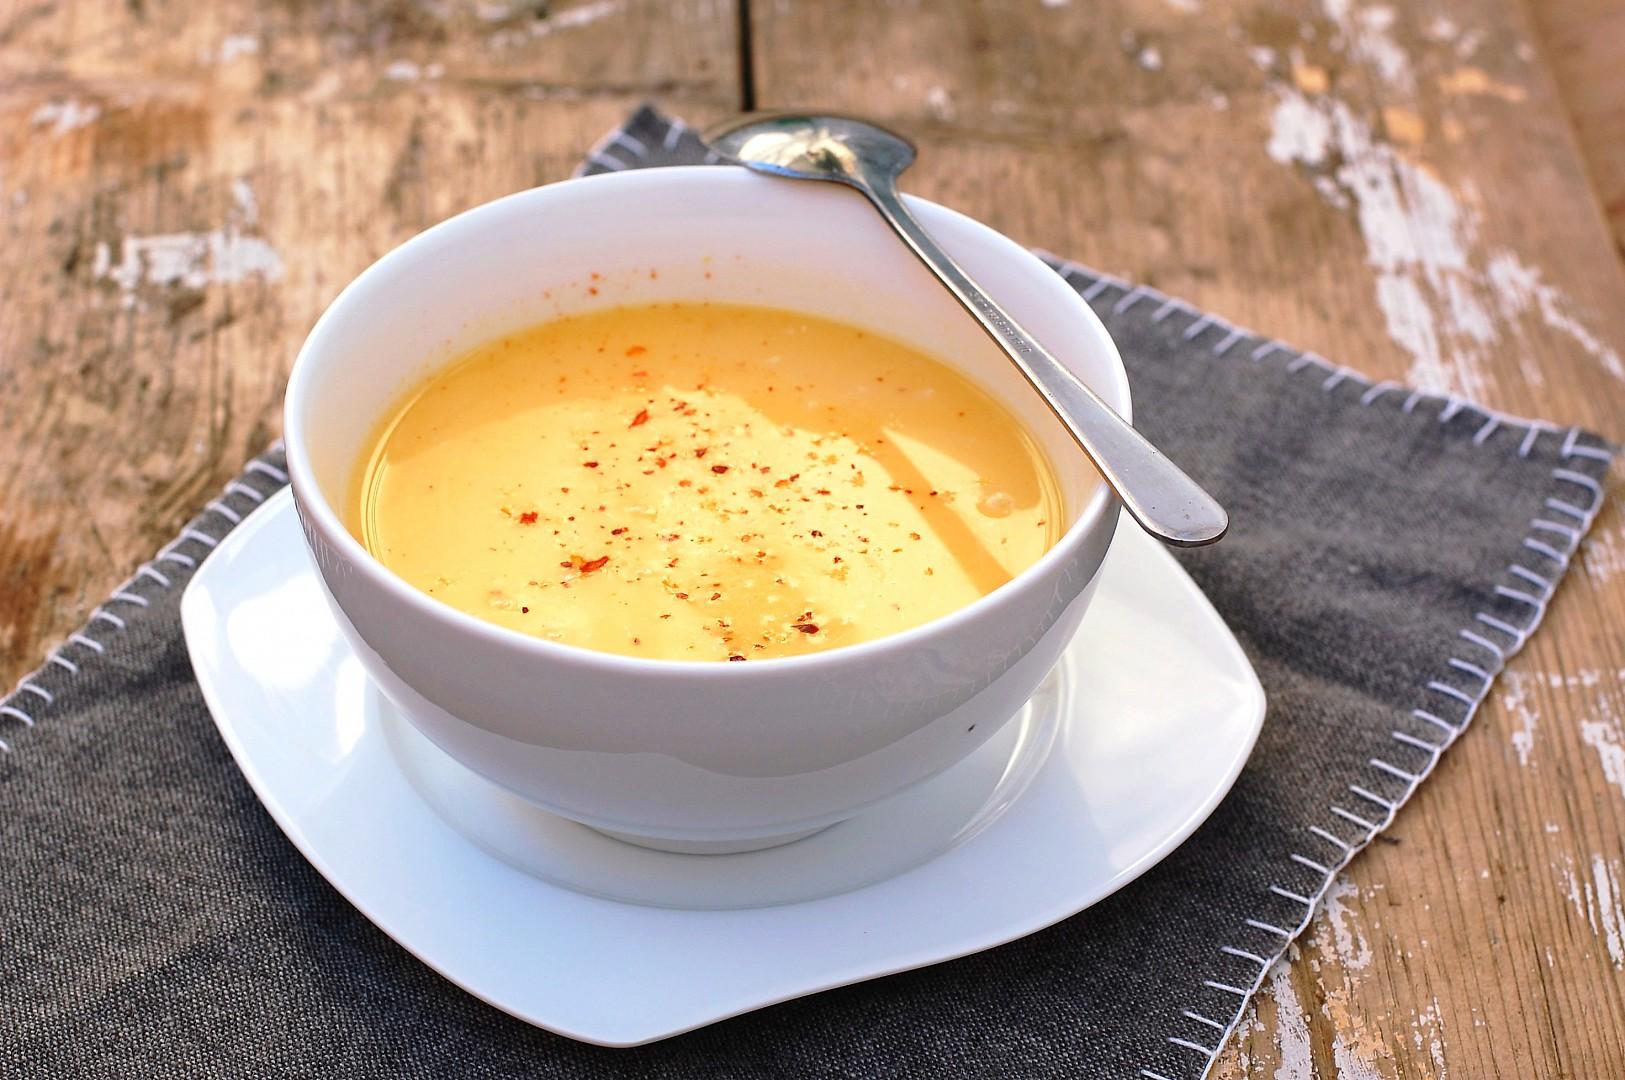 Dýňová polévka s kokosovým mlékem a chilli recept